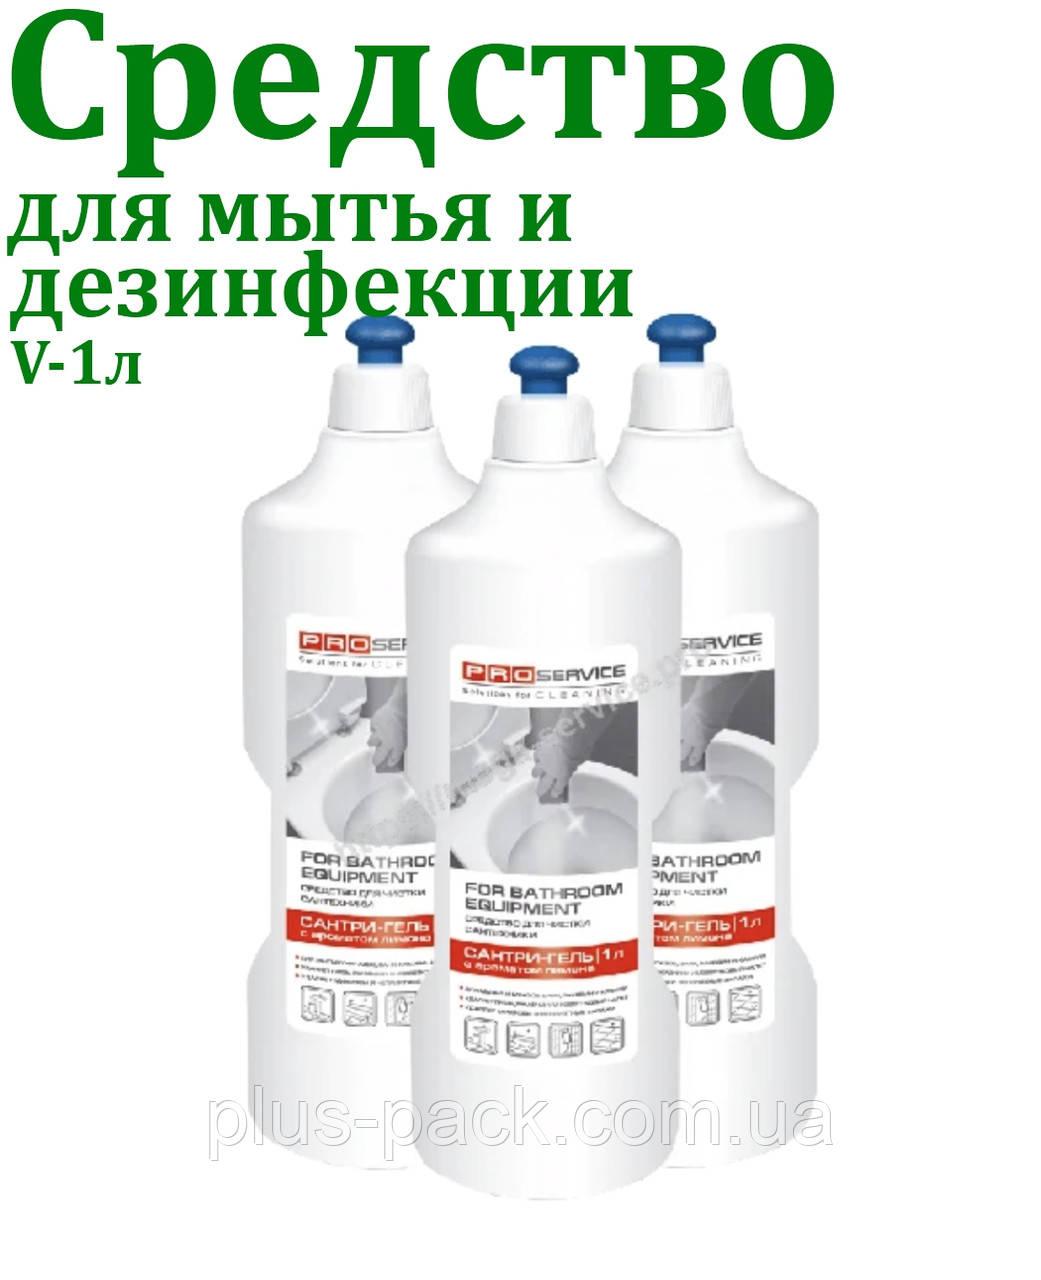 """Средство для мытья и дезинфекции сантехники """"Сантри-гель"""" PRO SERVICE 1л"""